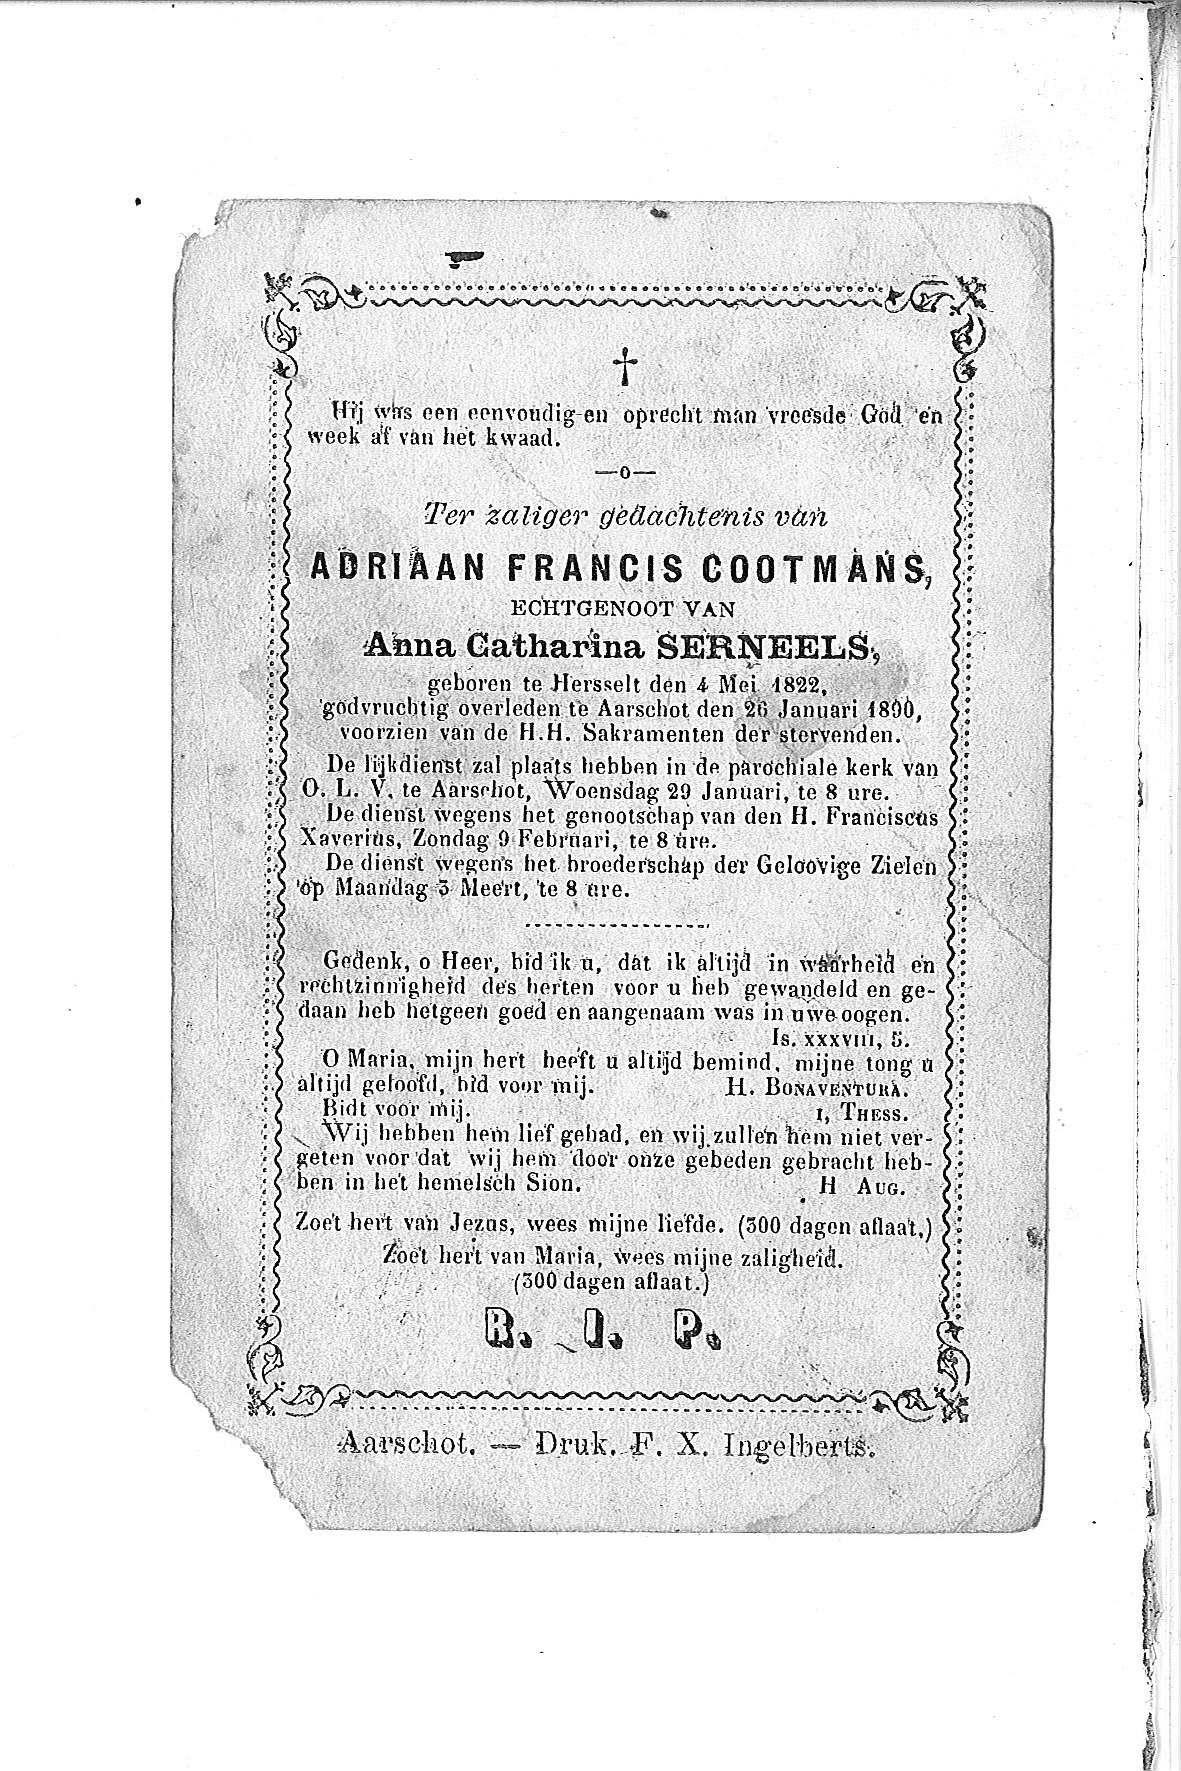 adriaan-francis(1890)20110929083359_00071.jpg